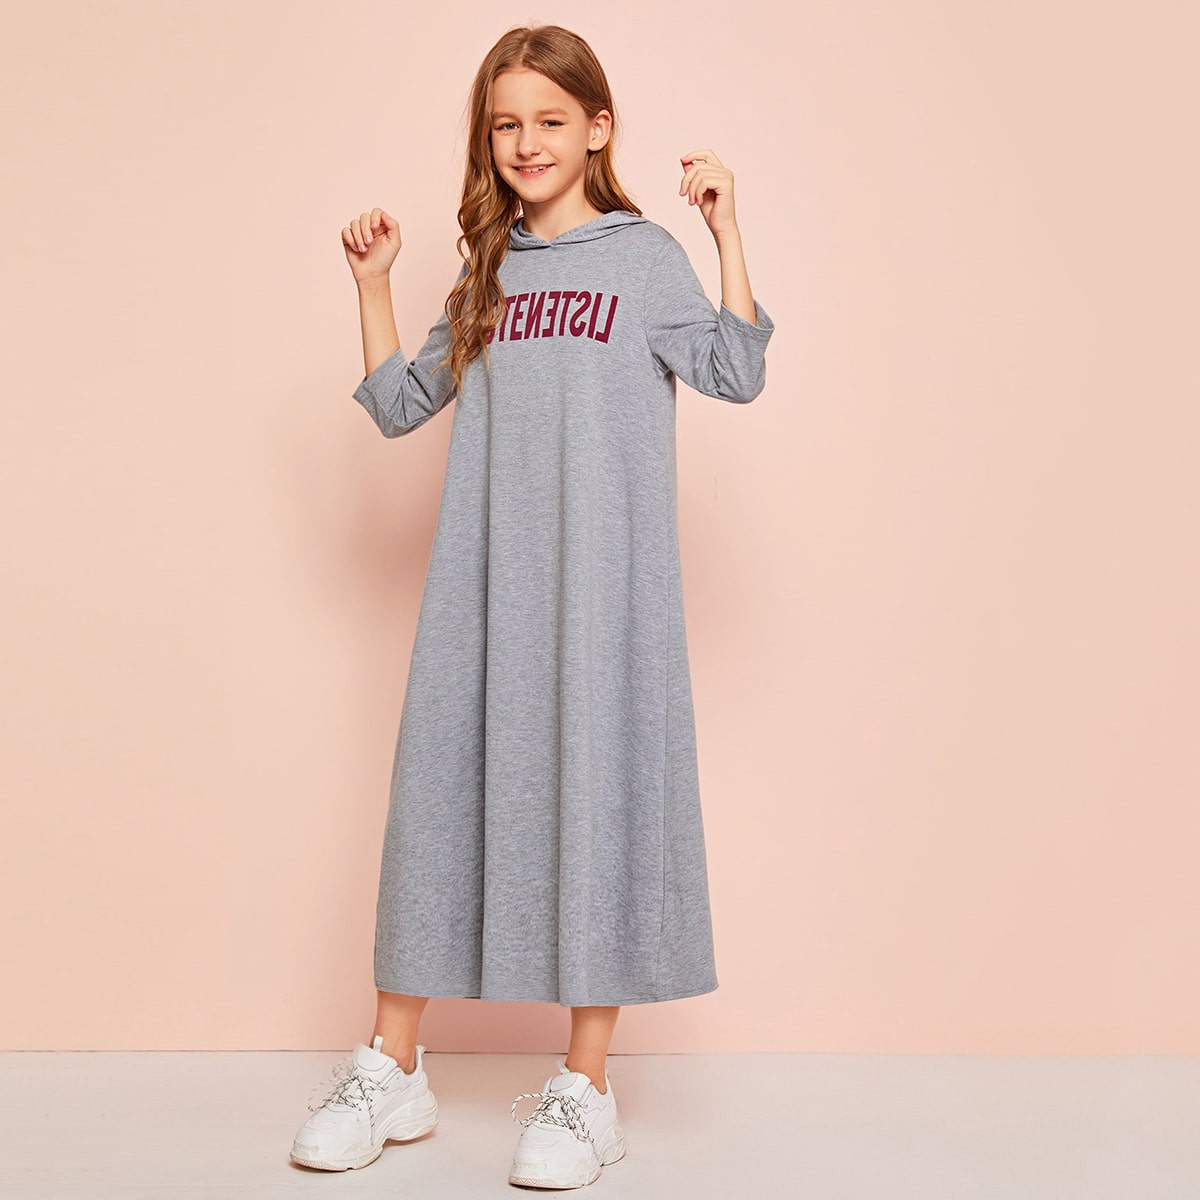 Платье с капюшоном и текстовым принтом для девочек от SHEIN